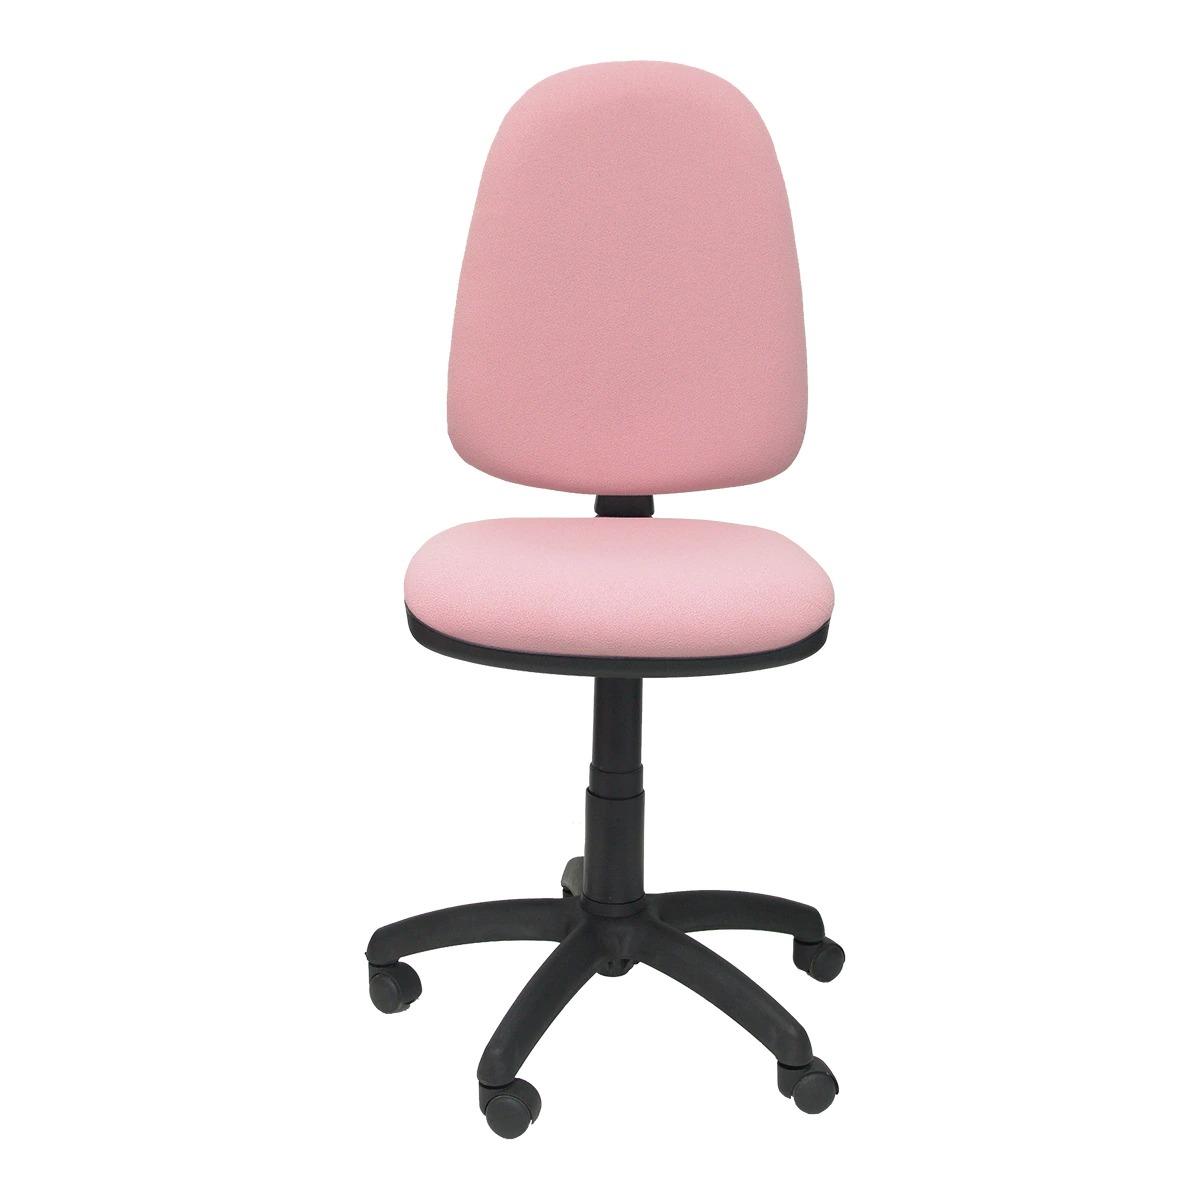 Silla de escritorio tapizada con ruedas Ayna El Corte Inglés